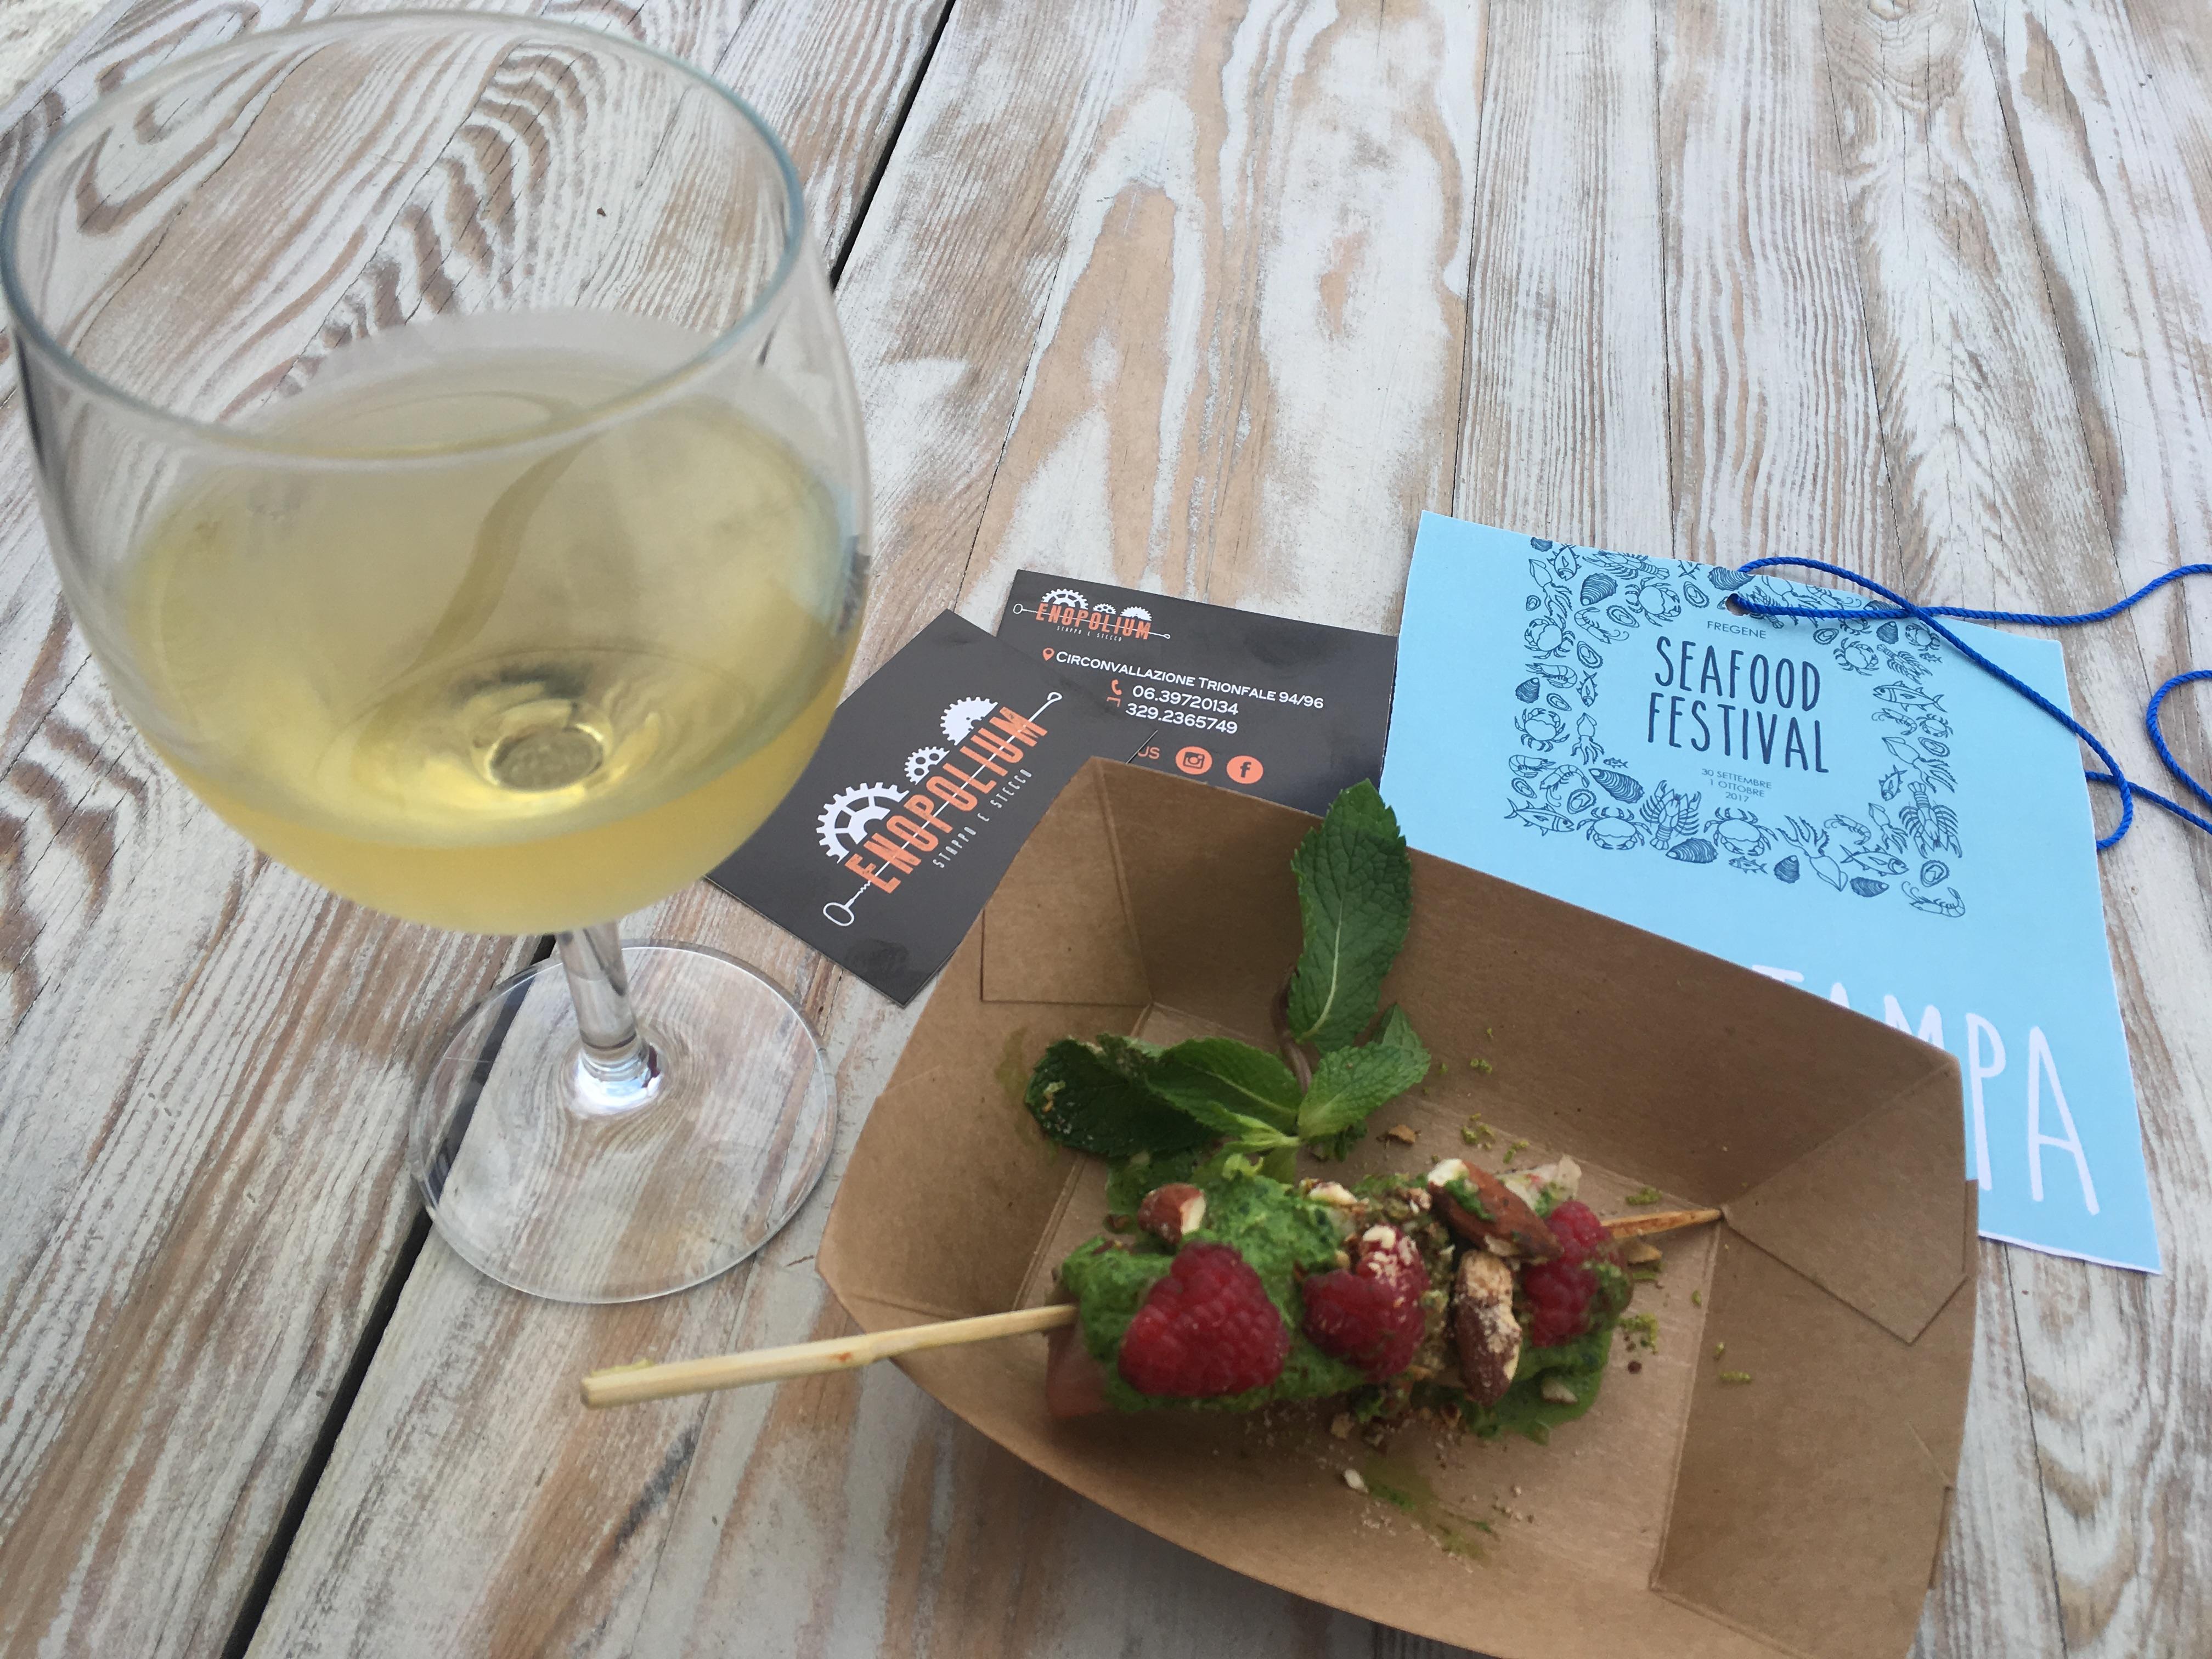 Stecco di tonno fresco con pesto di rucola, lamponi e mandorle di Enopolium - Sea Food Festival - Orizzonte Cultura